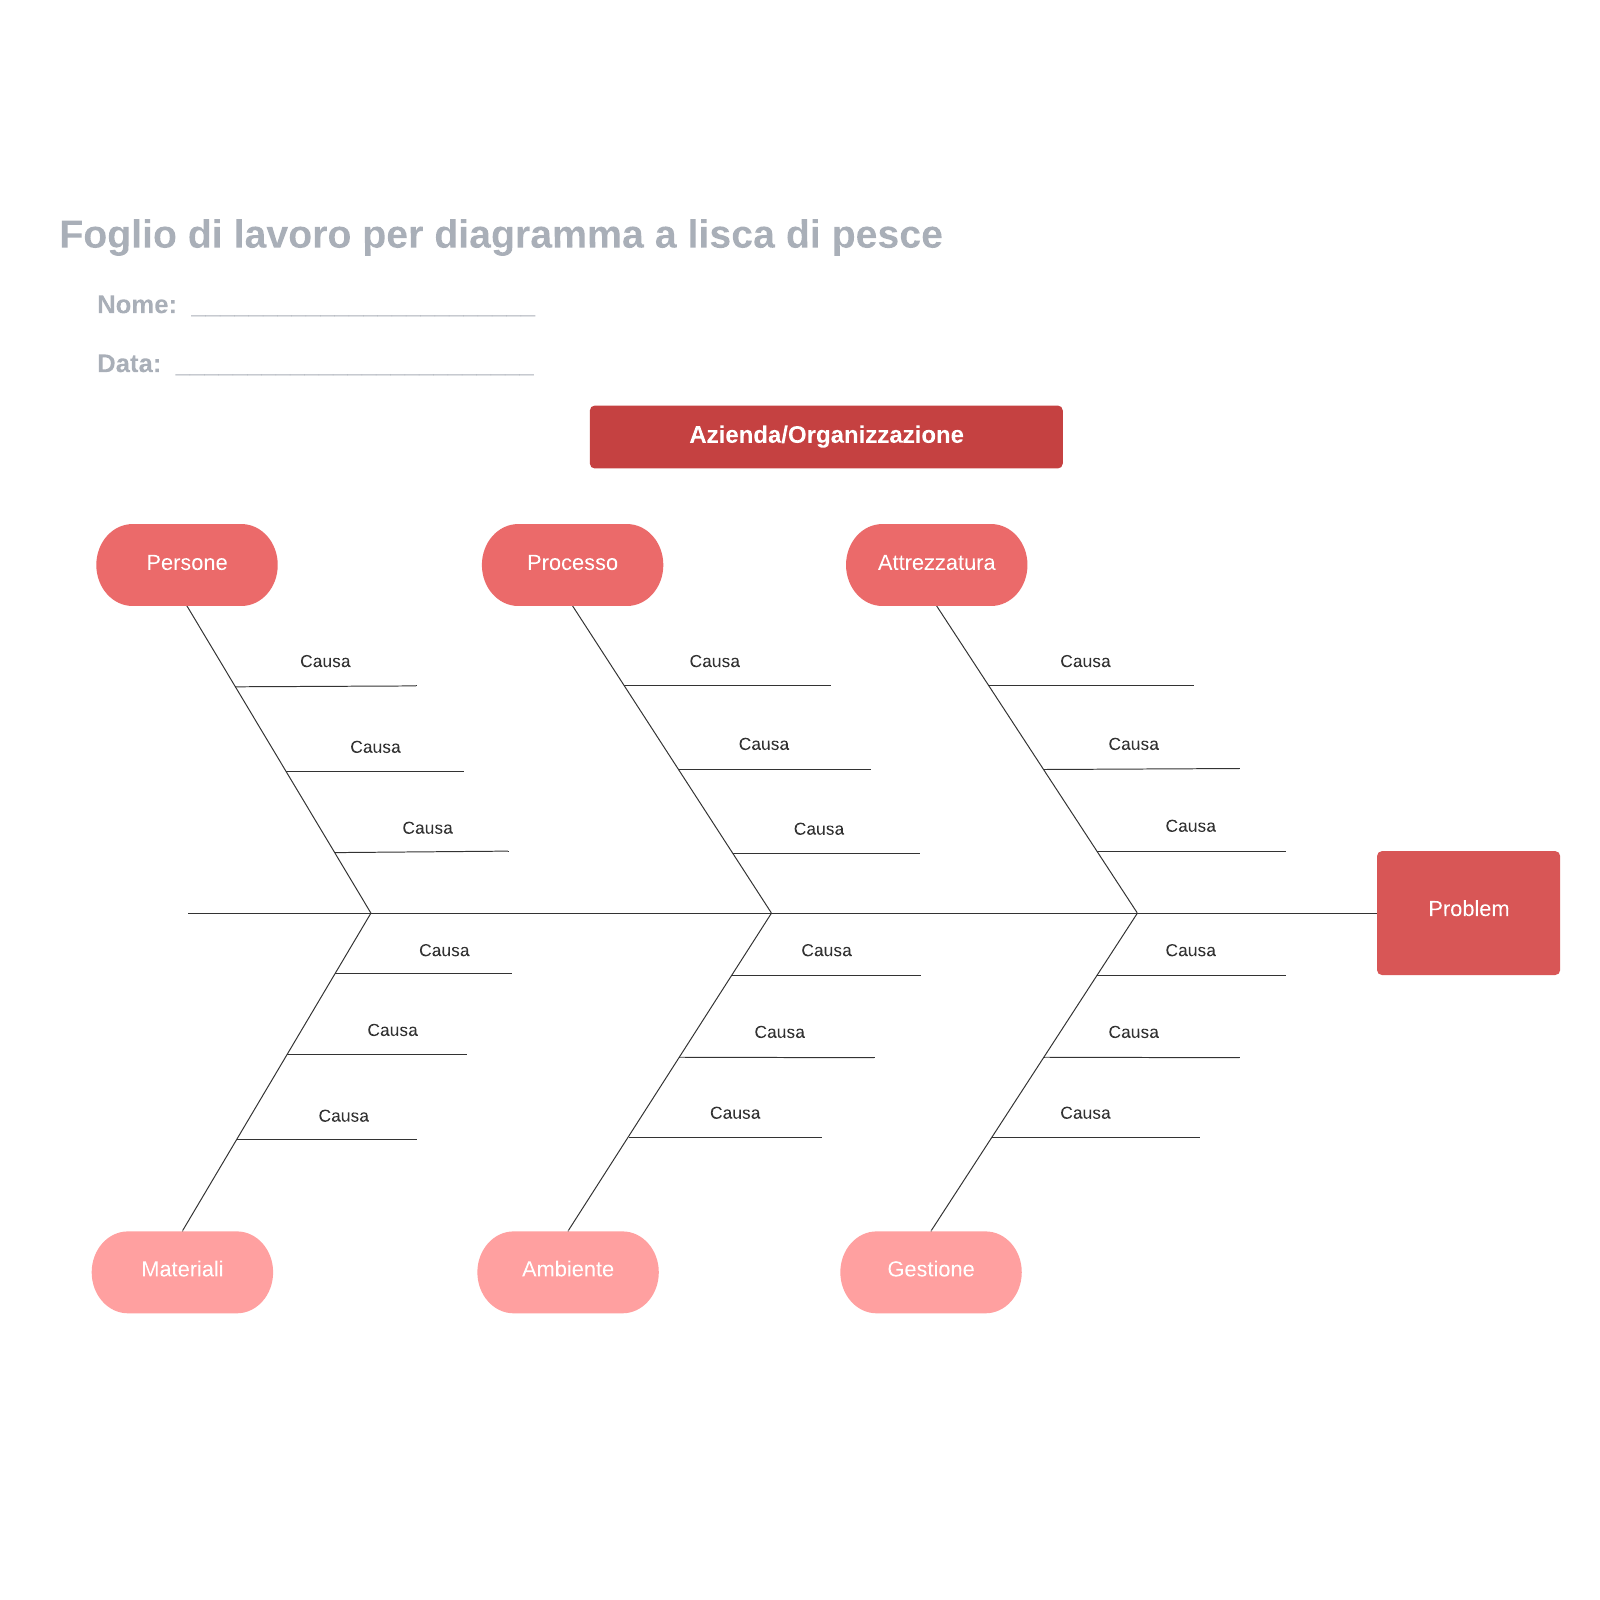 Foglio di lavoro per diagramma a lisca di pesce